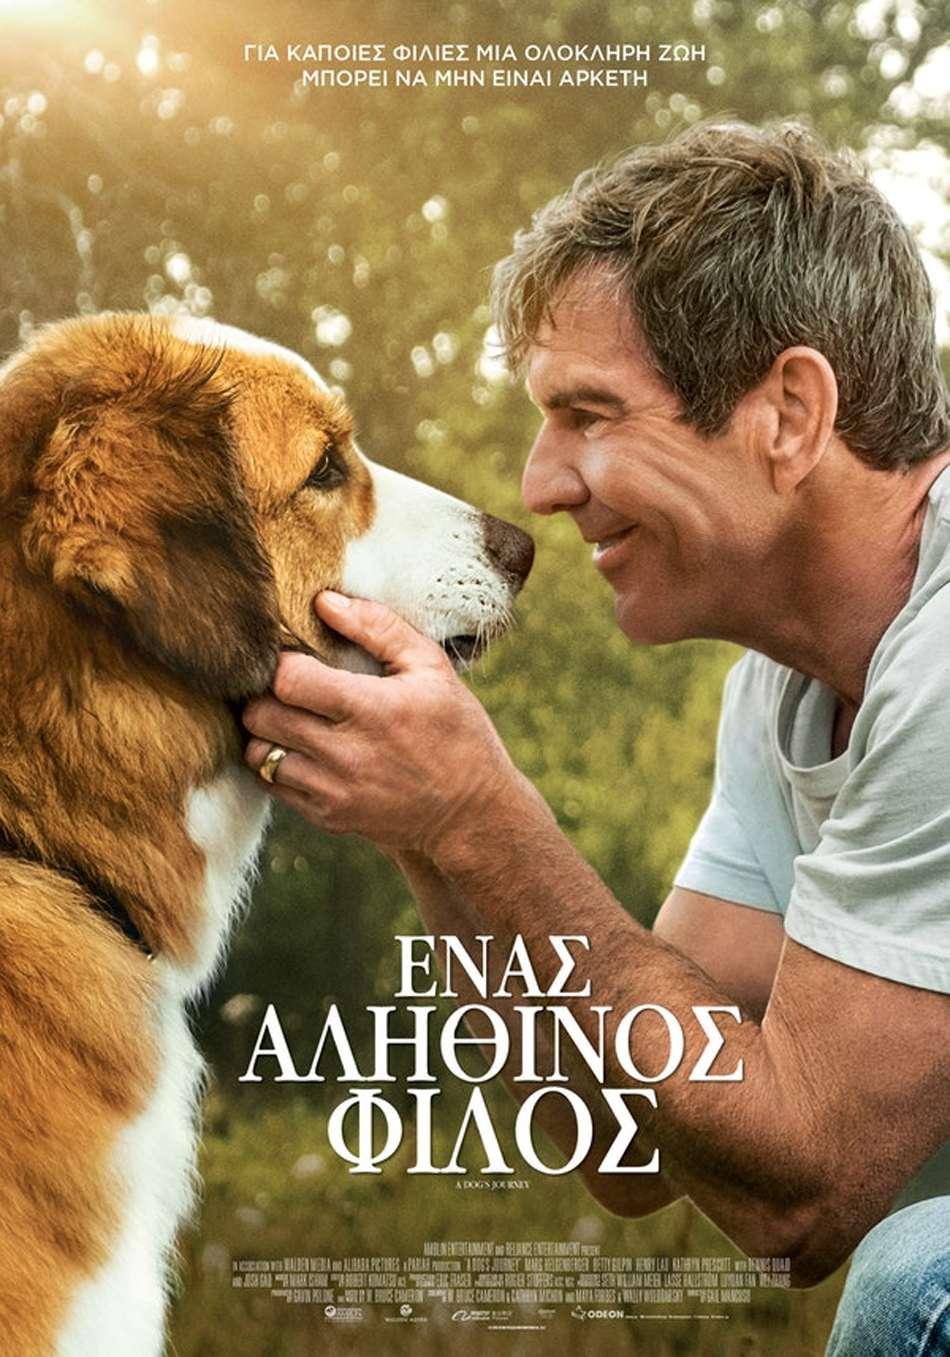 Ένας Αληθινός Φίλος (A Dog's Journey) Poster Πόστερ